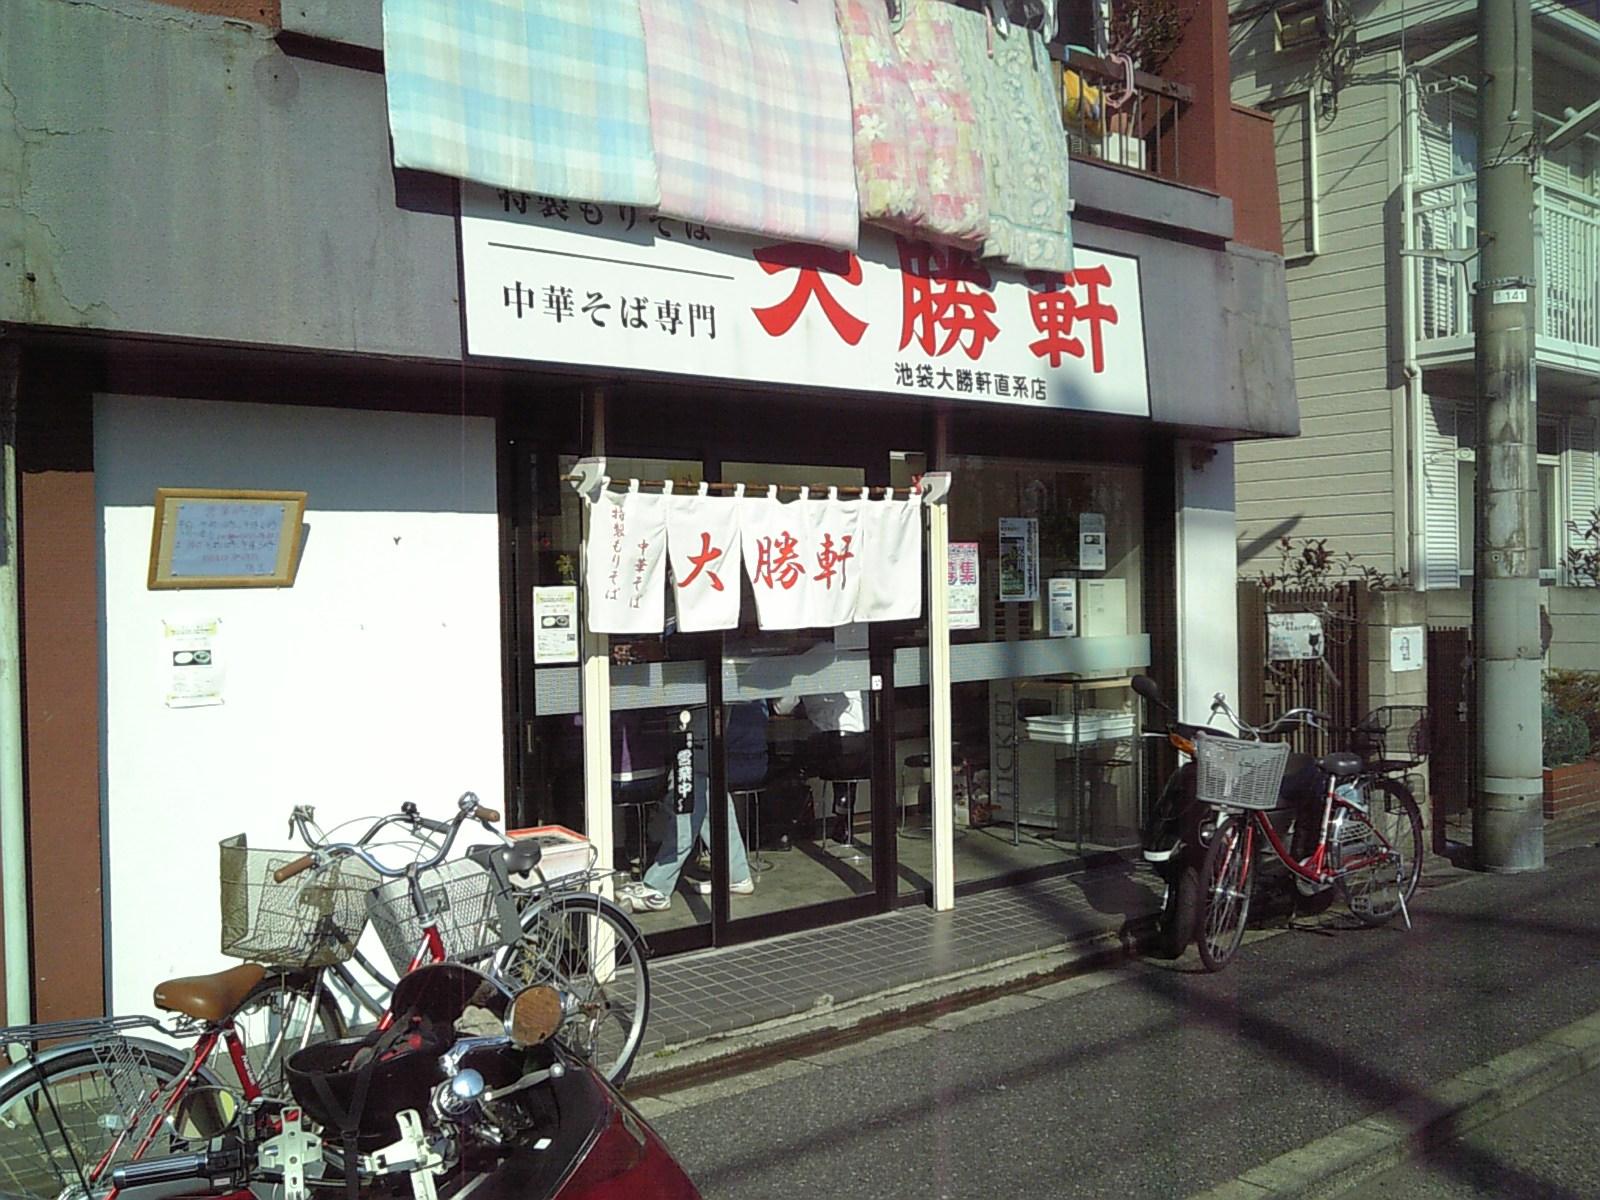 大勝軒 川崎店